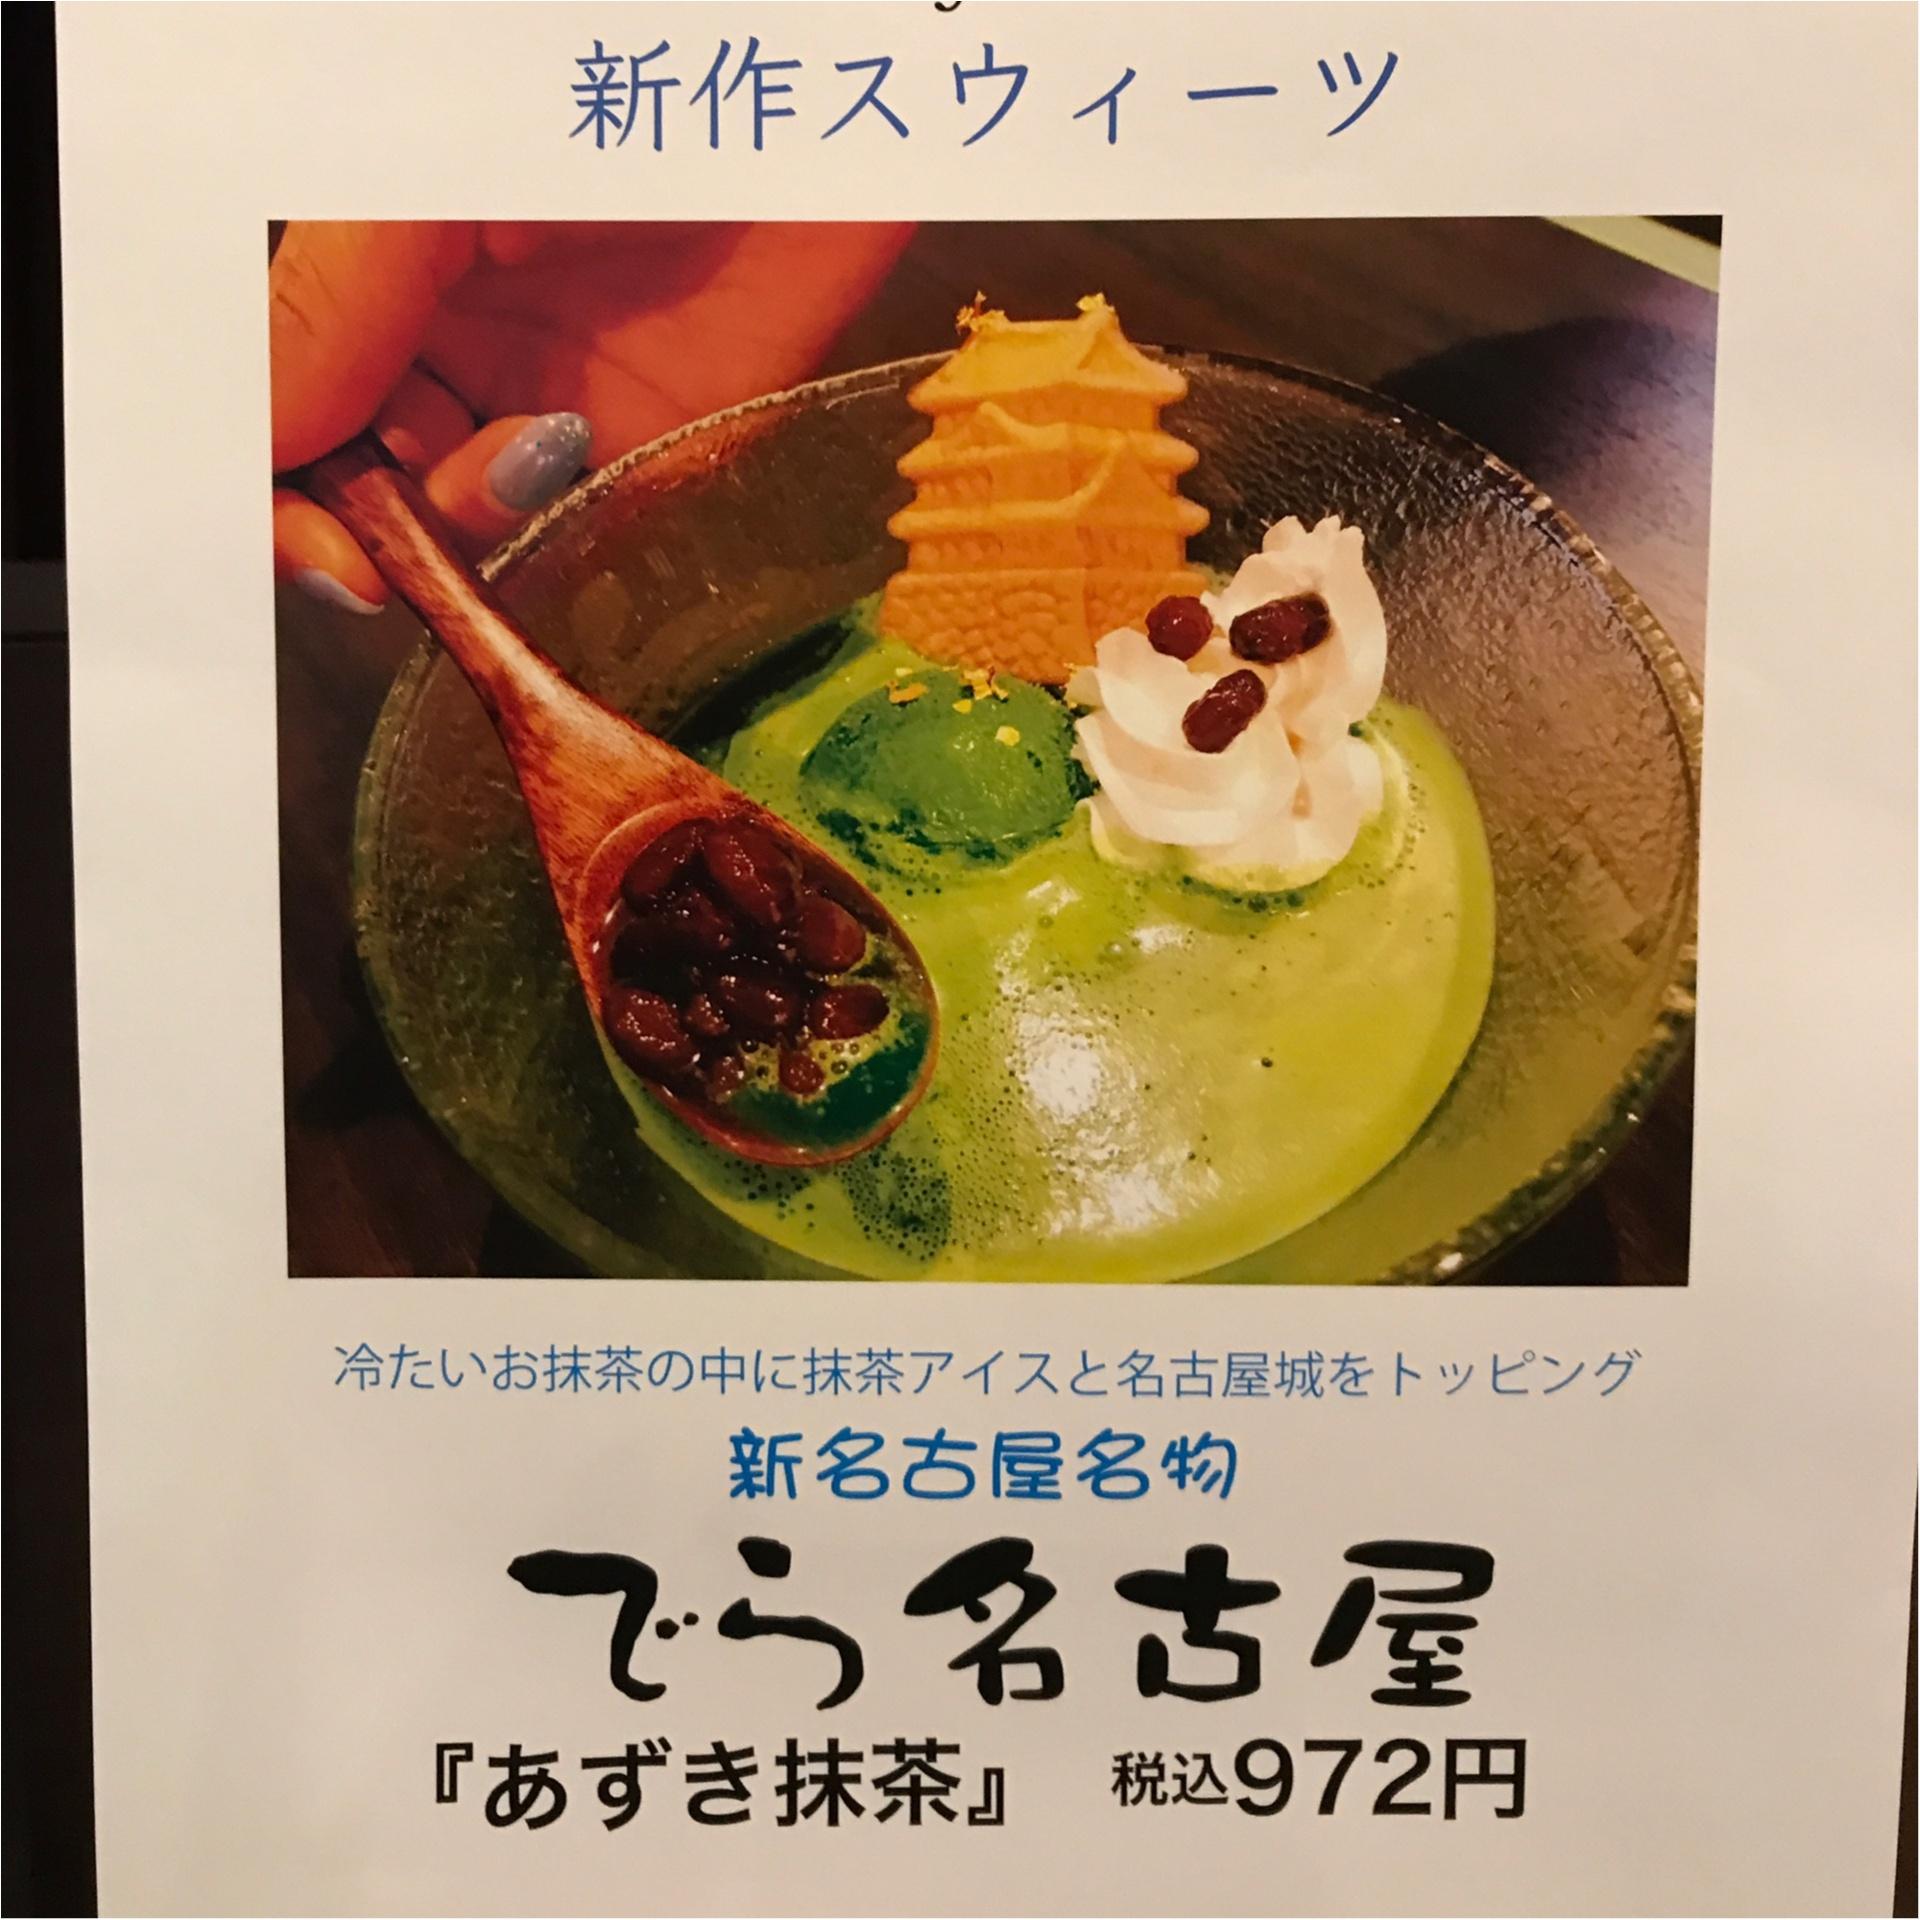 ★インスタで話題沸騰中?カラフル可愛い『おいり』名古屋で食すならココへ行くべし★_2